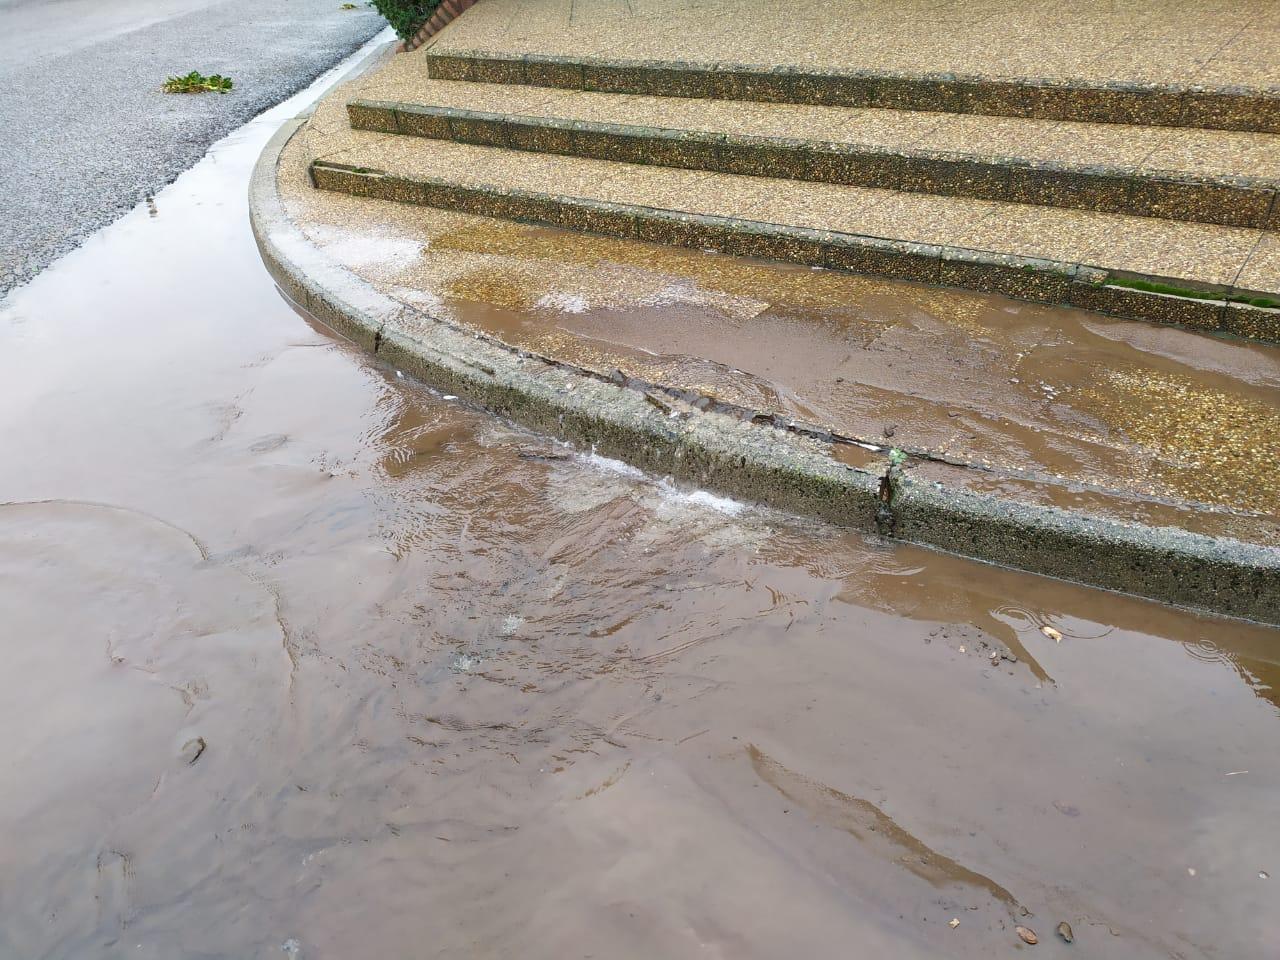 URGENTE: se rompió un caño principal de agua y afecta al servicio del barrio San Etelvino y el Parque industrial